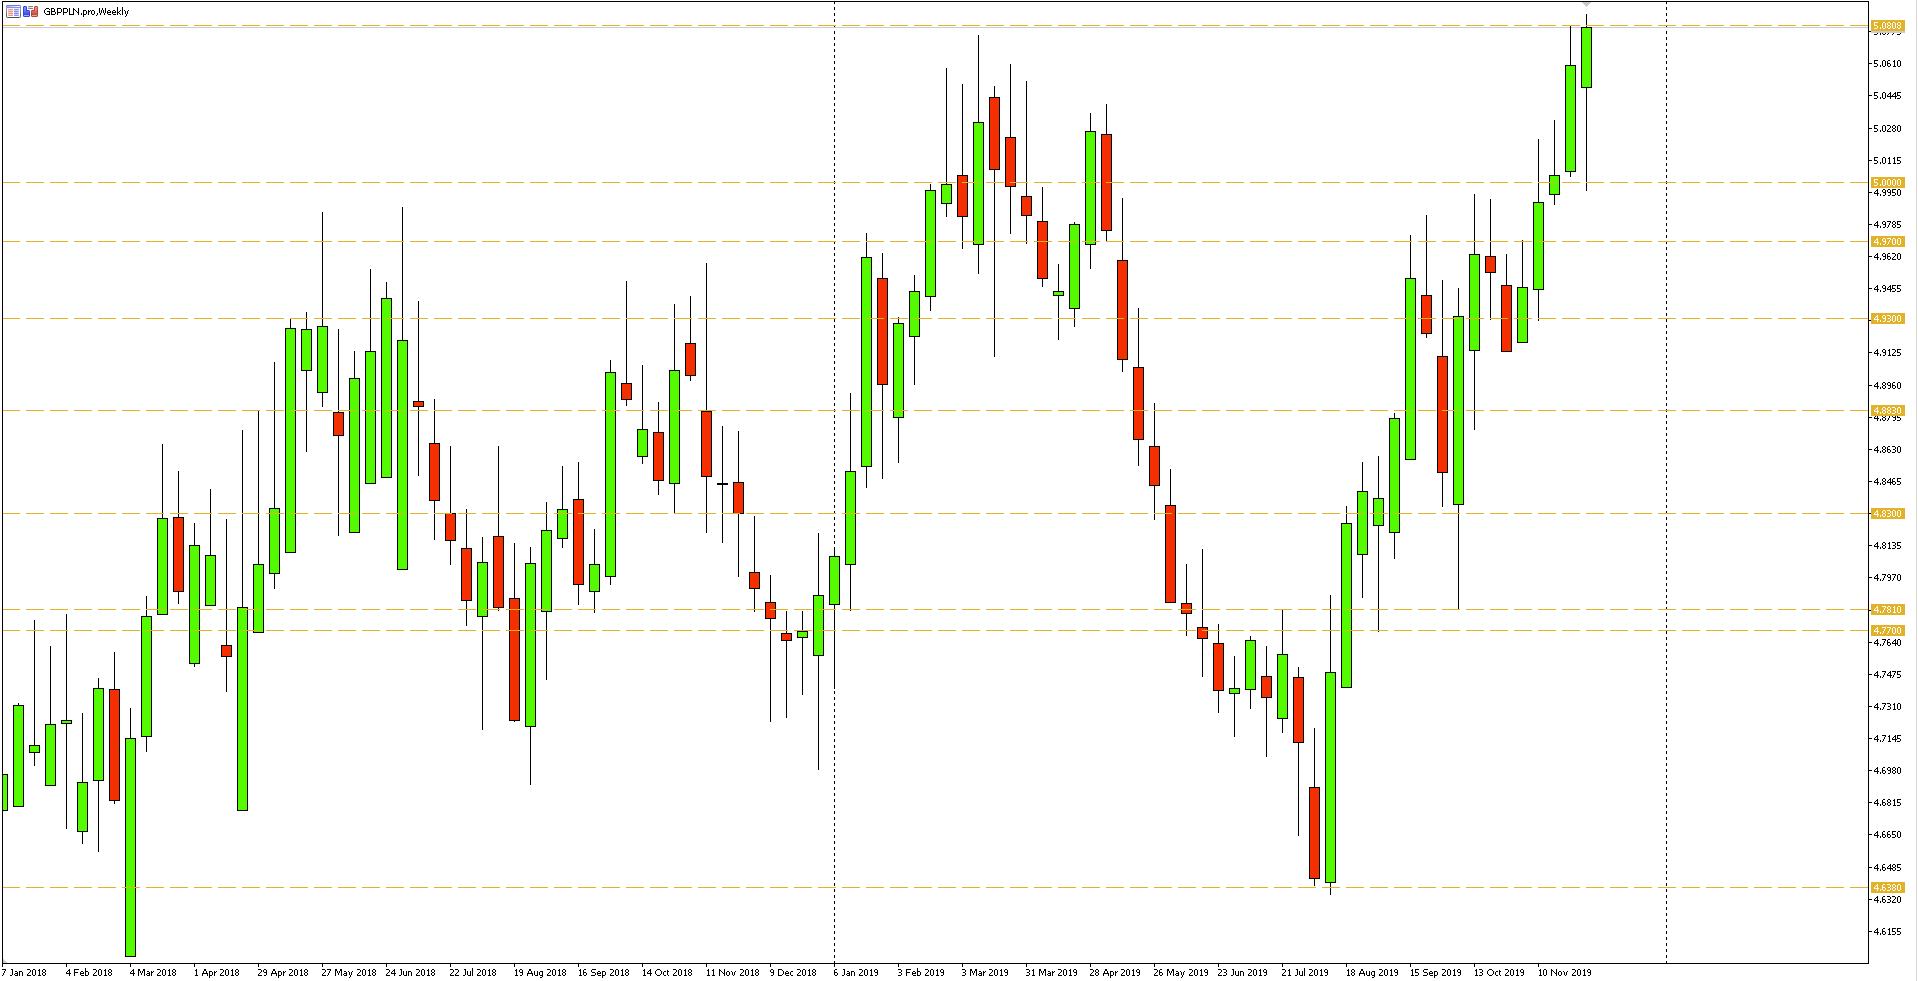 Wykres tygodniowy pary walutowej GBPPLN - 08.12.2019 r.